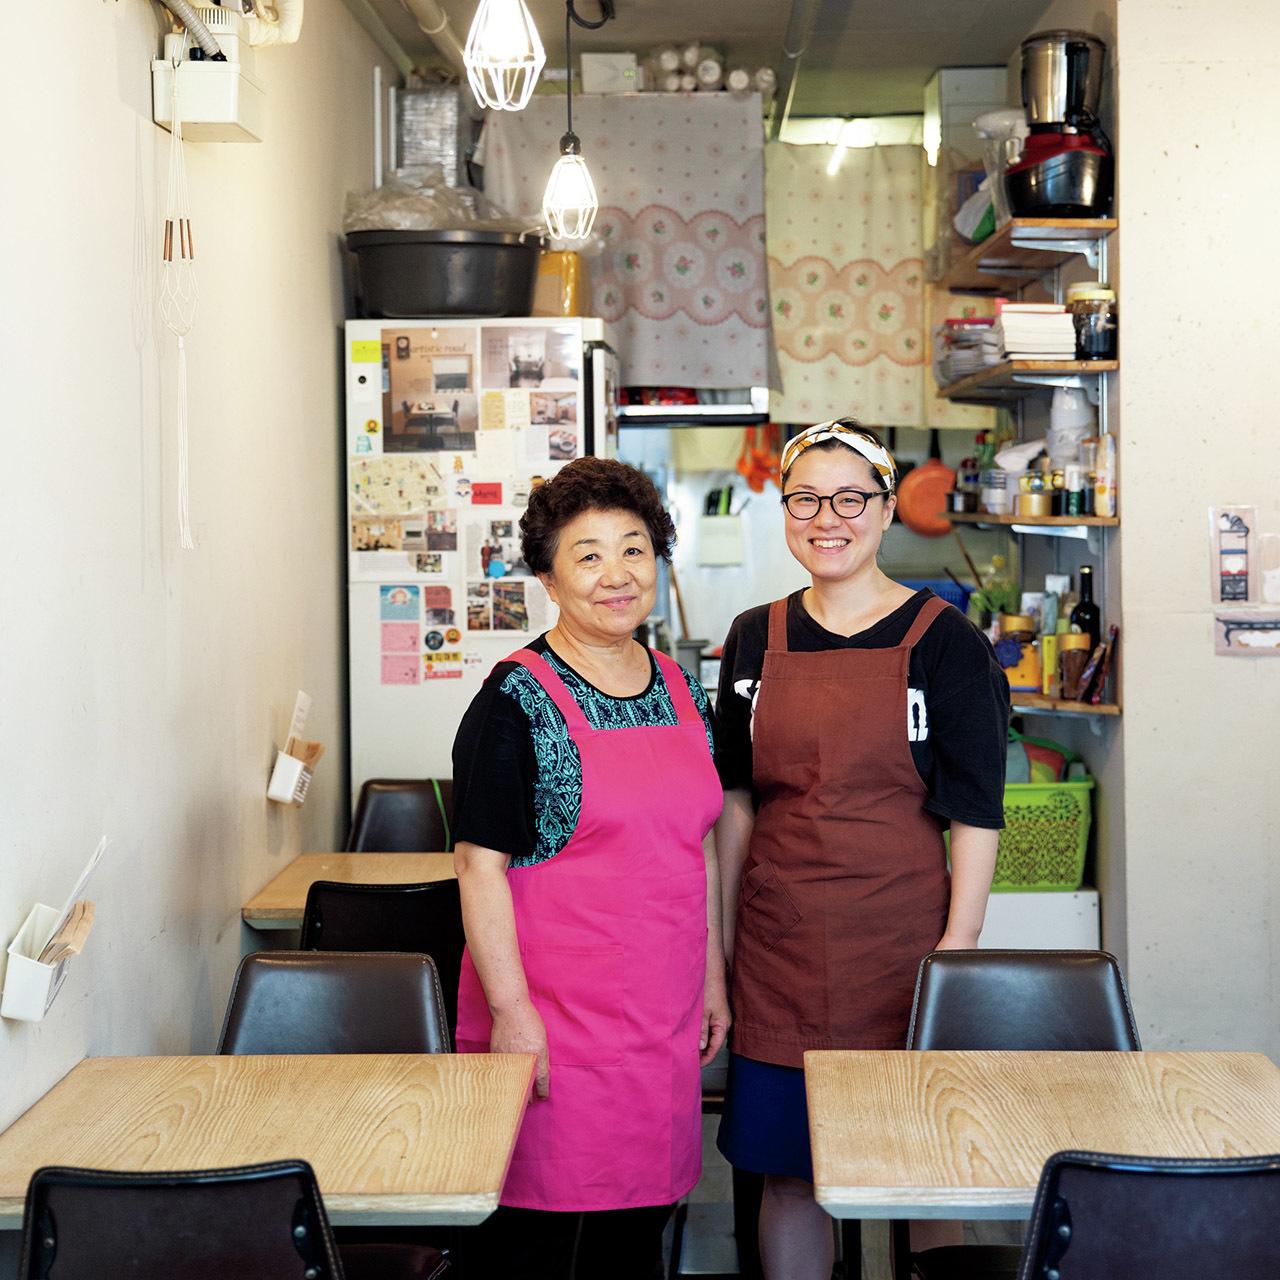 大人のためのソウル旅⑥昼に訪ねたい新旧の街のヒット食堂 五選_1_1-3